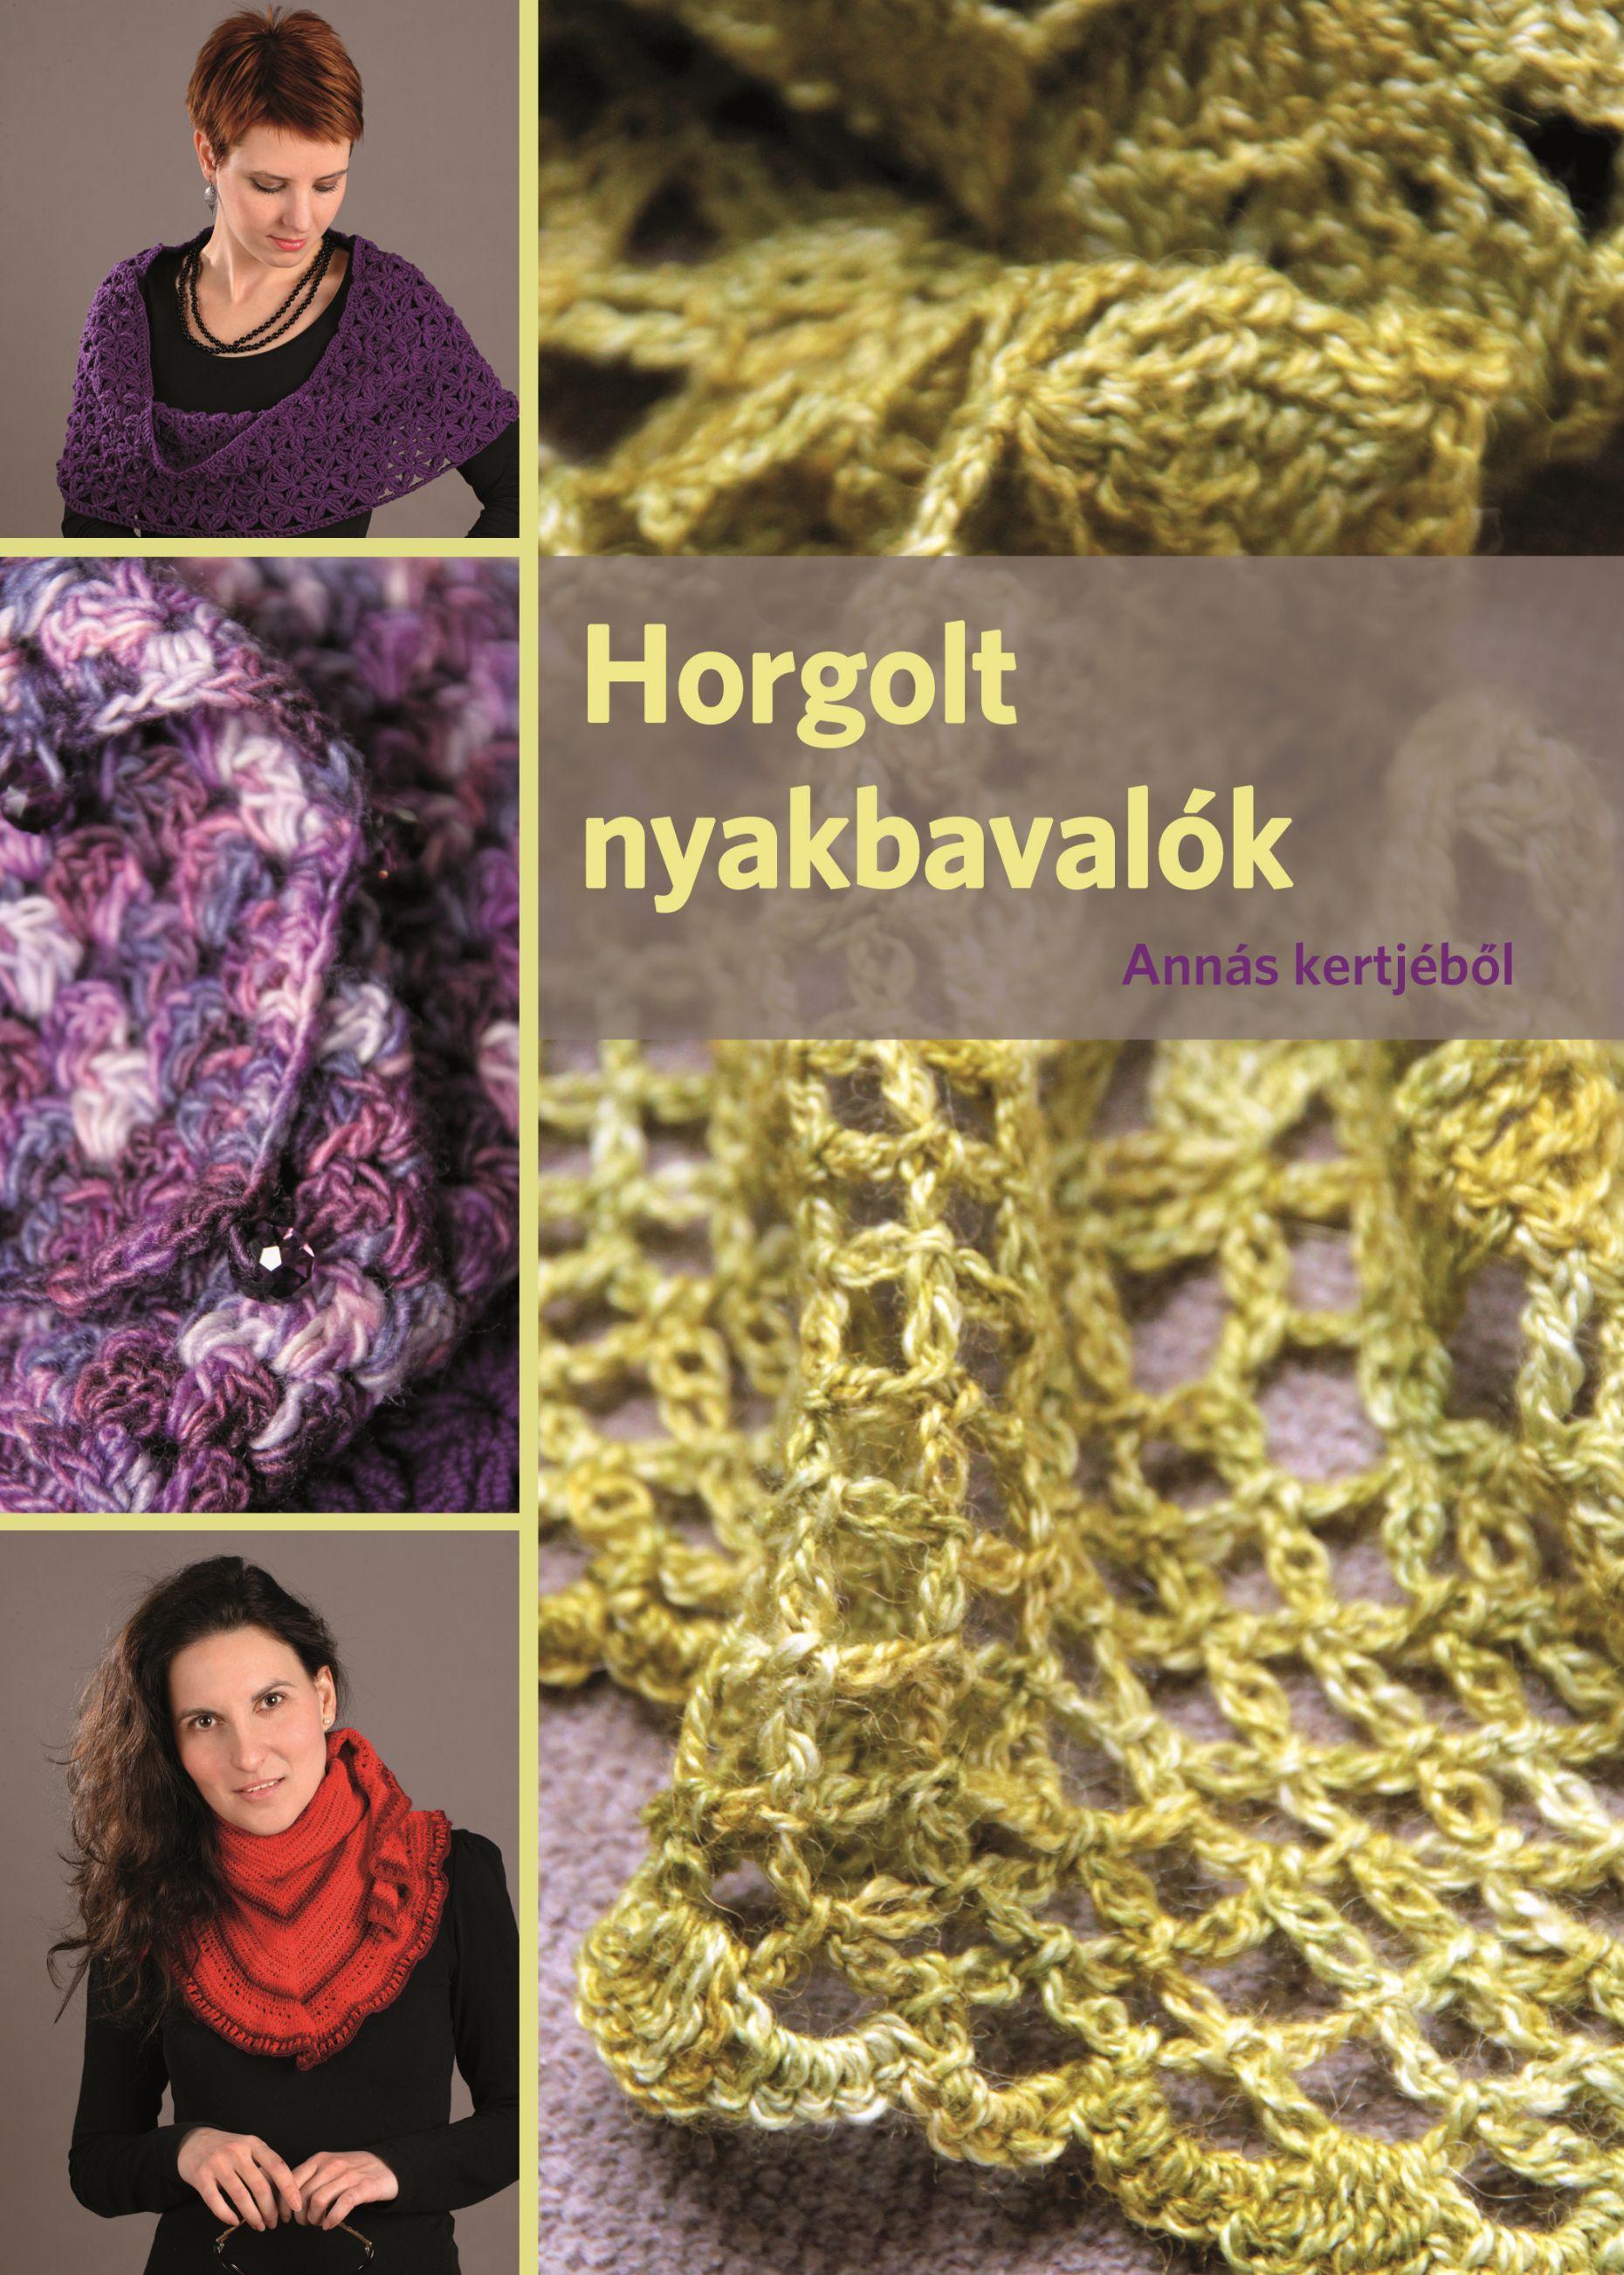 HORGOLT NYAKBAVALÓK - ANNÁS KERTJÉBŐL